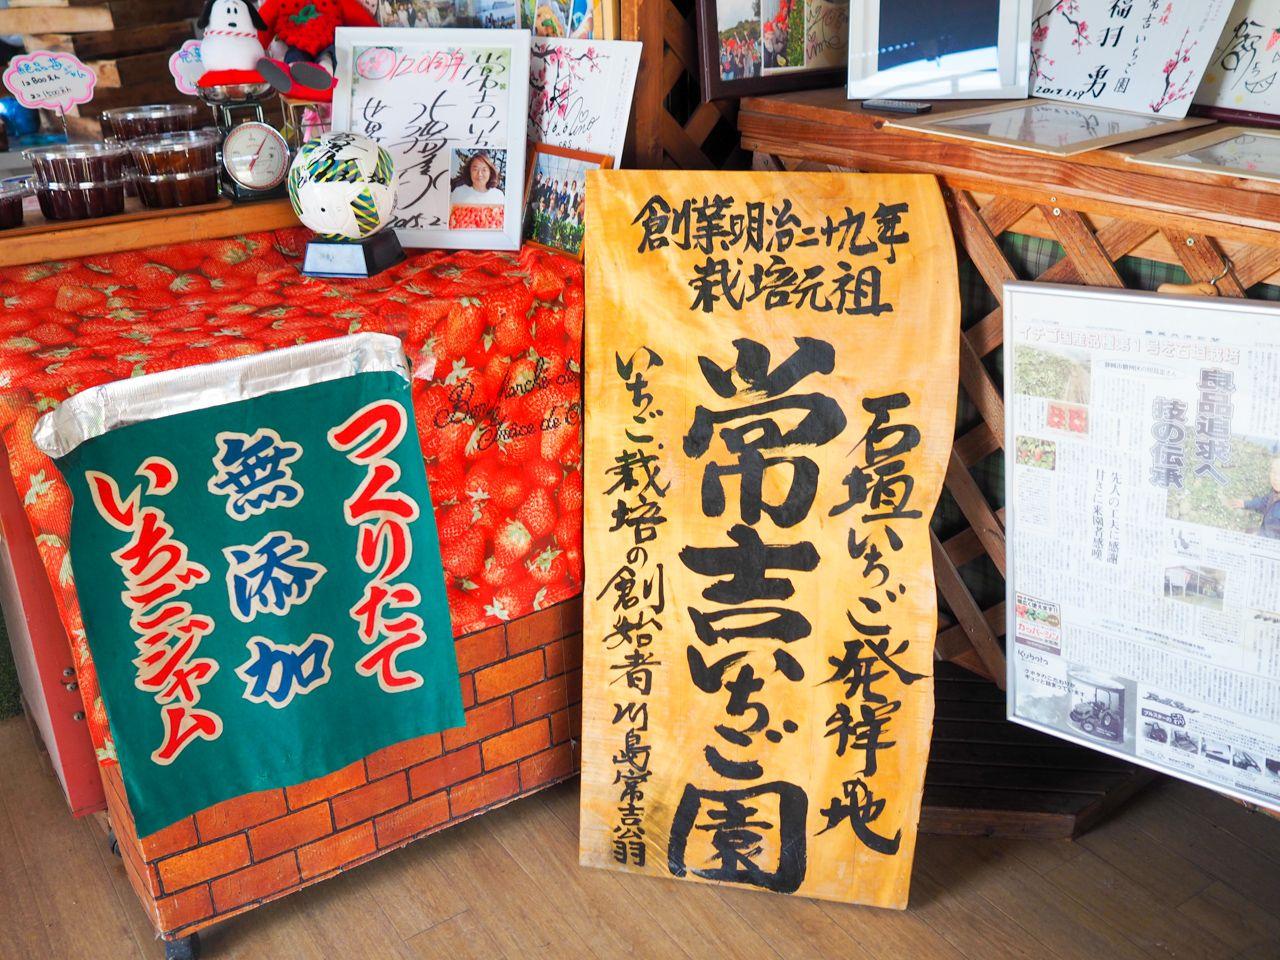 1株との出会いが、日本のいちご栽培を成功させた